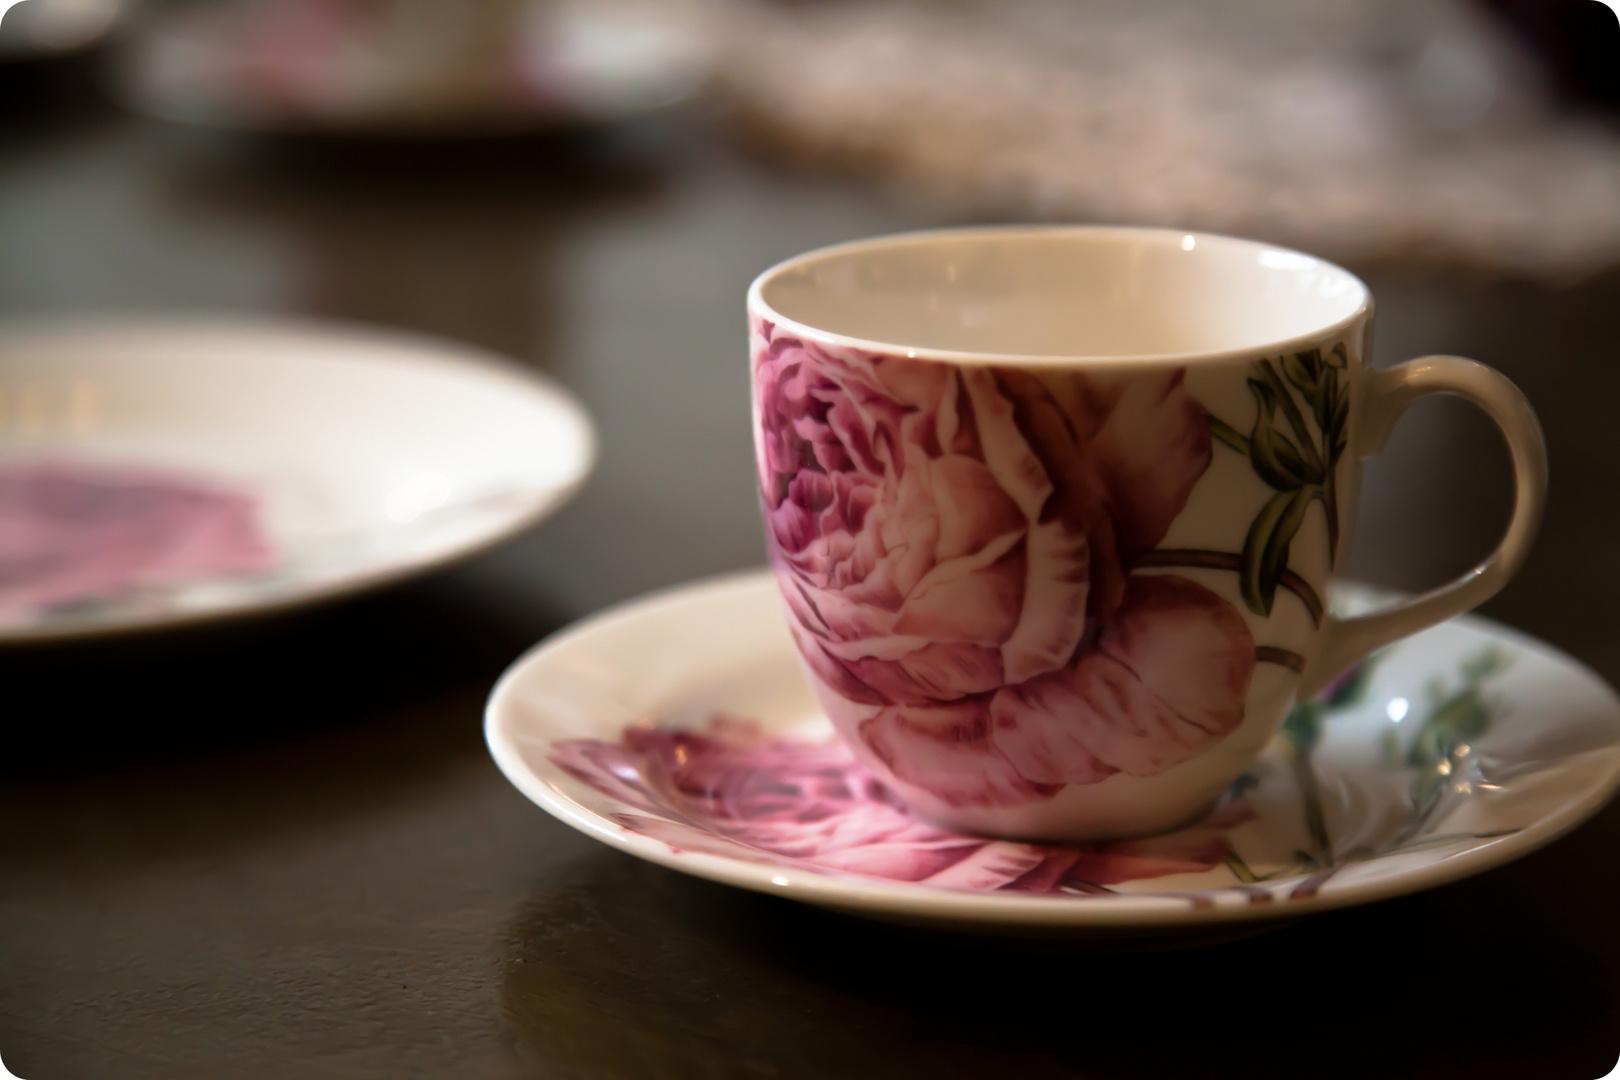 Frau Dornröschen, wollen sie etwas Tee?